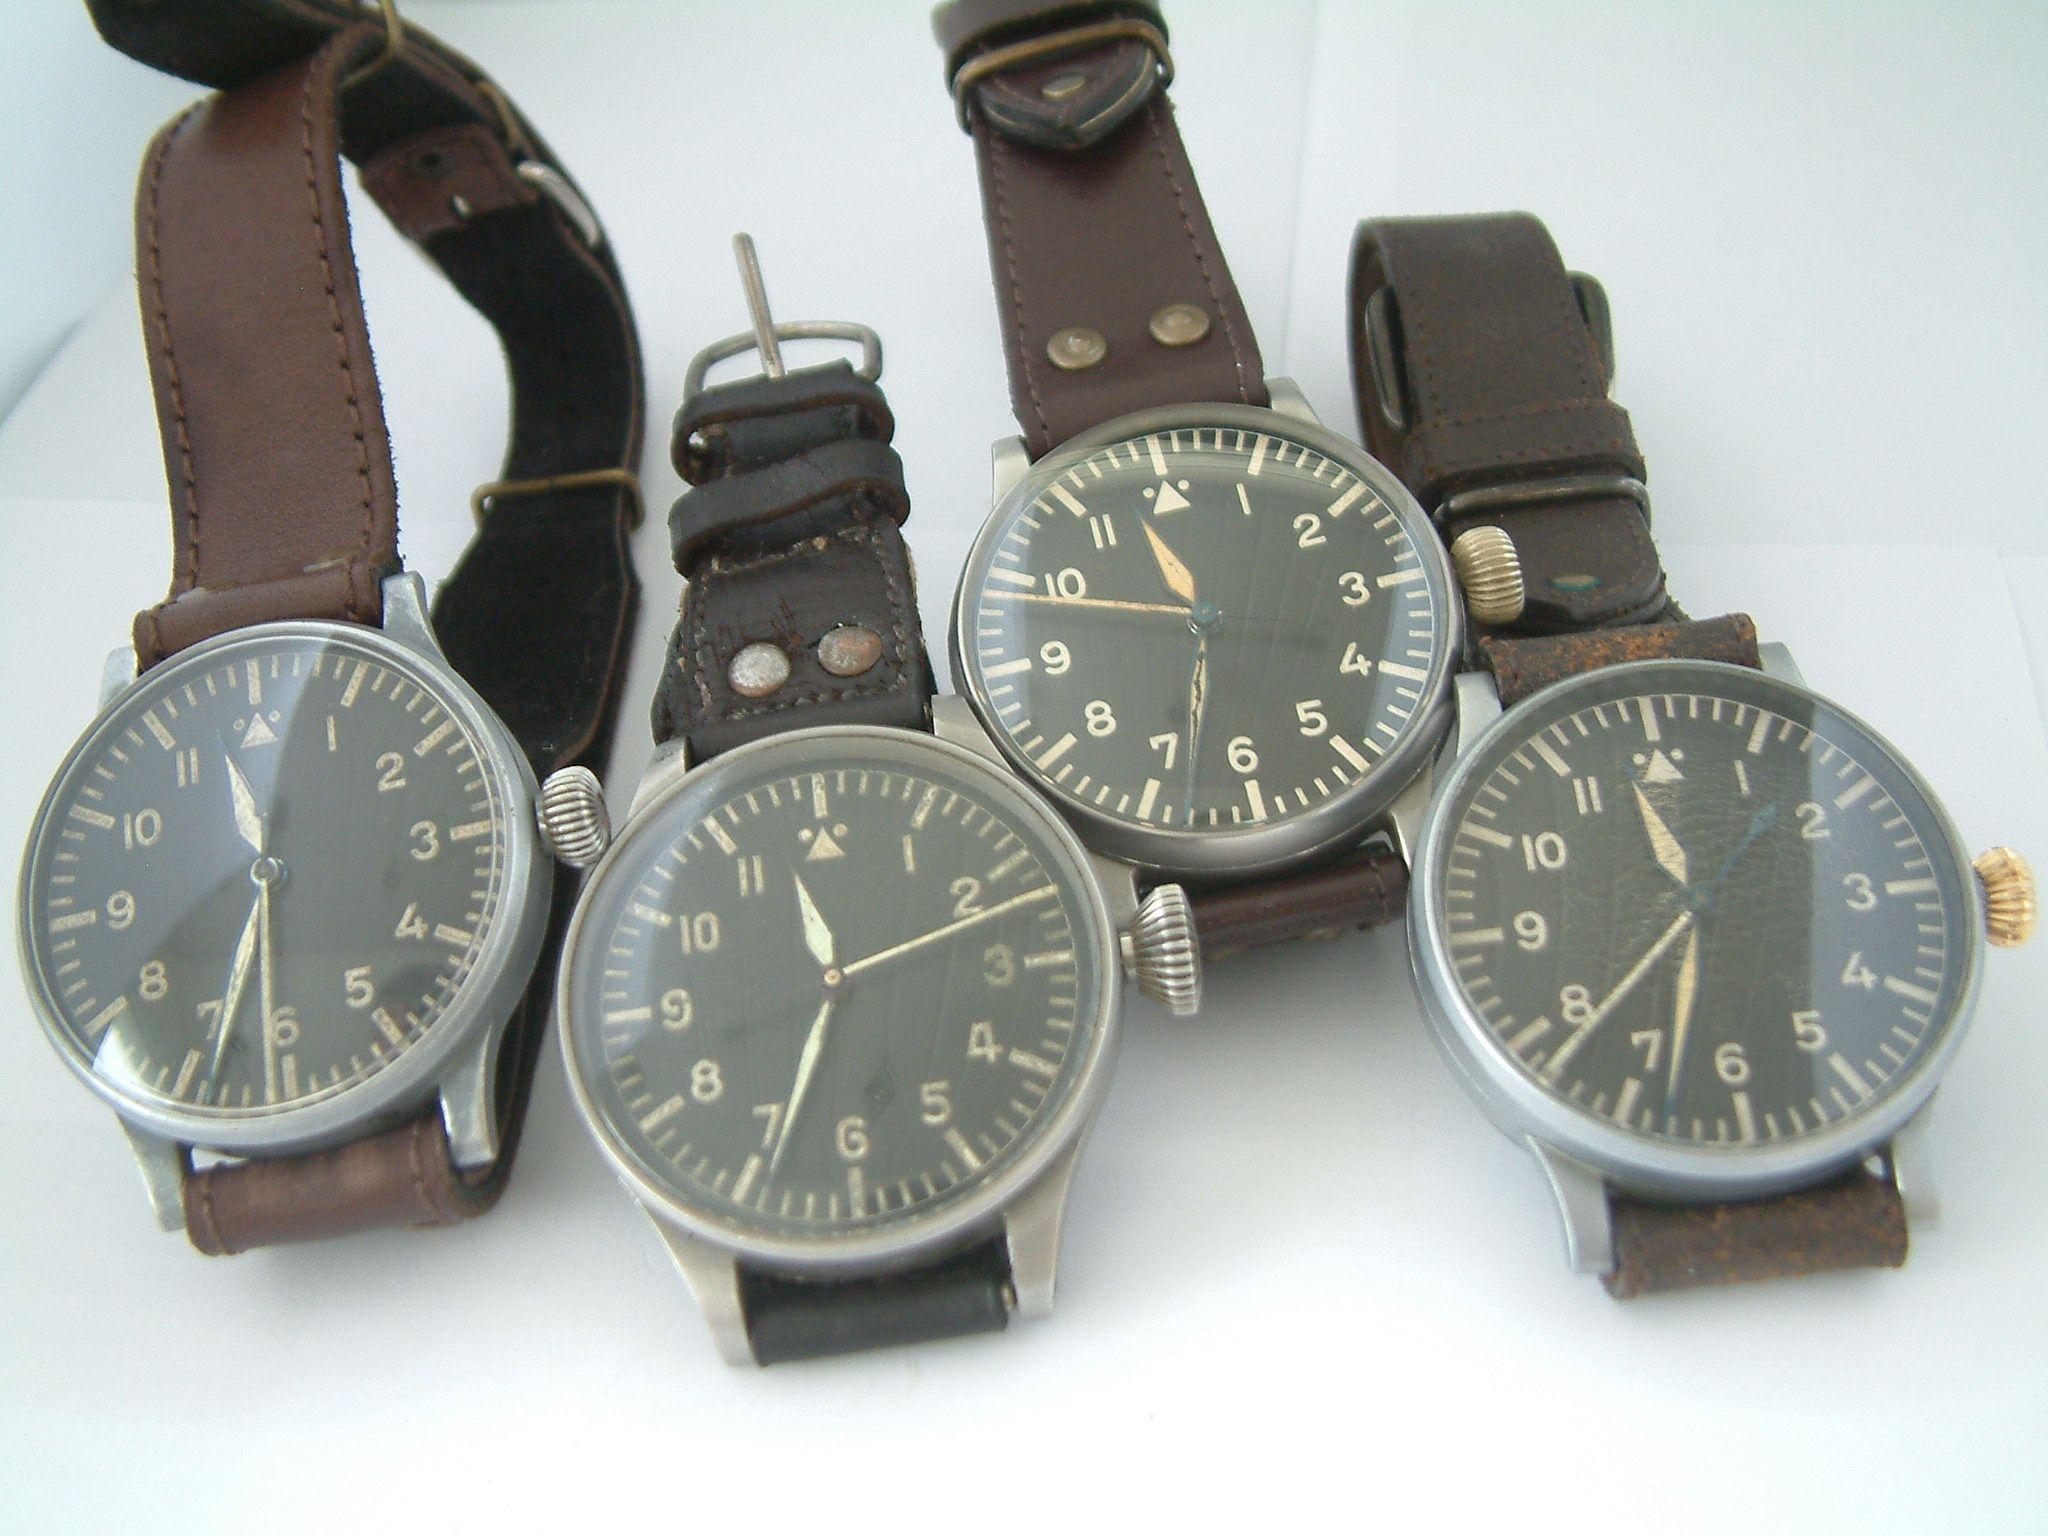 e8cf84878f3 Vintage pilot watches